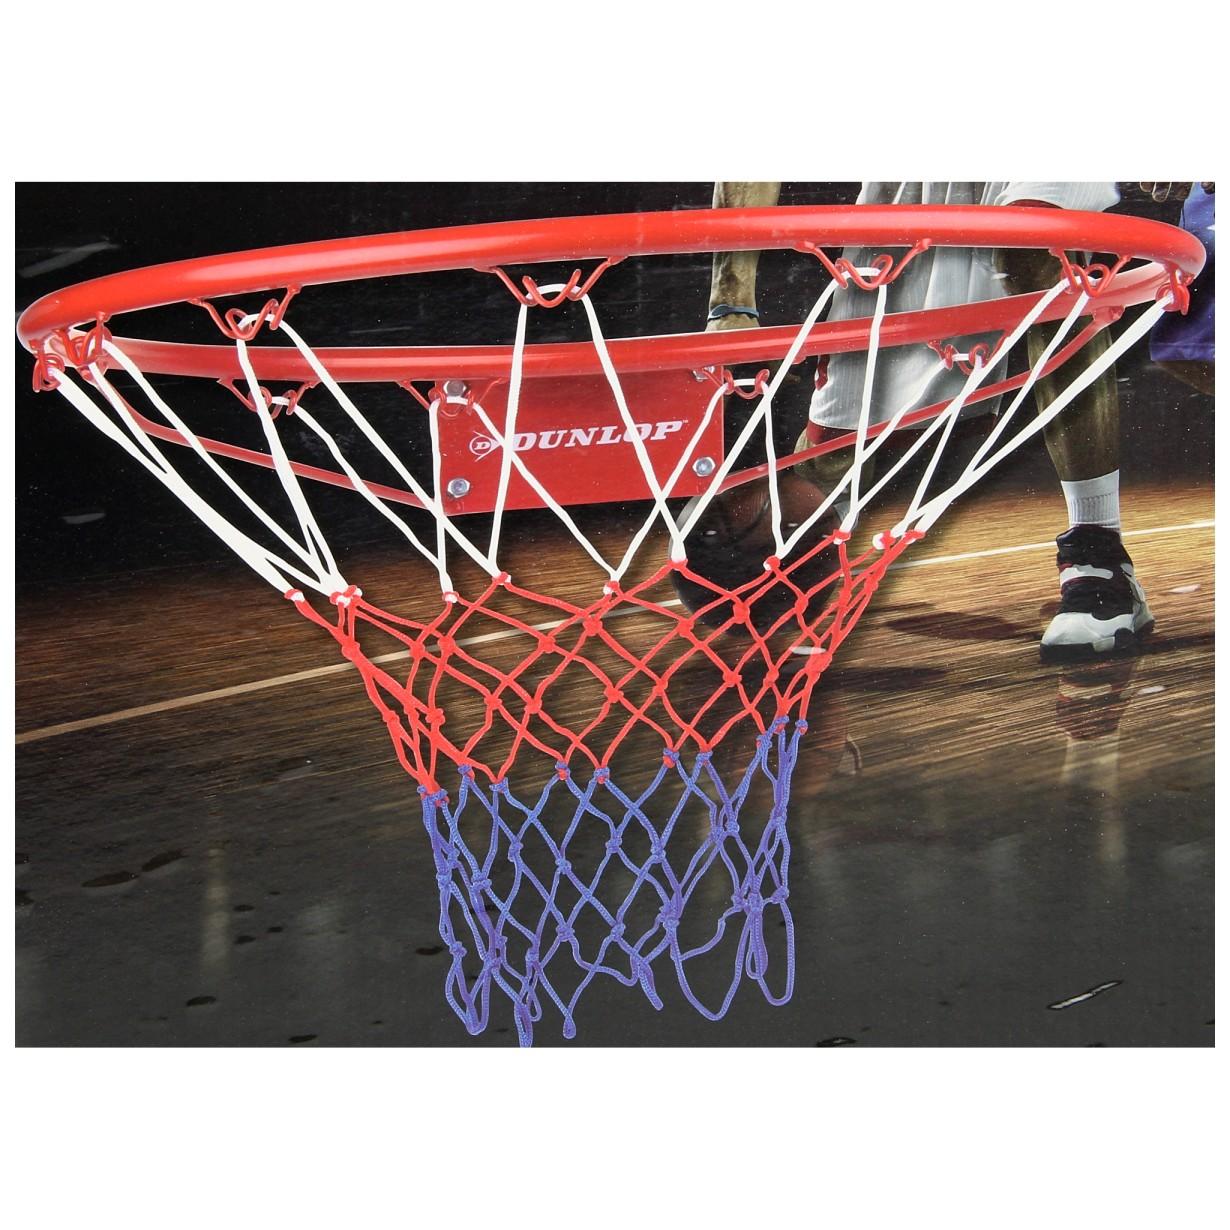 Image of   Dunlop Basketbalring med Net - Ø 45 cm